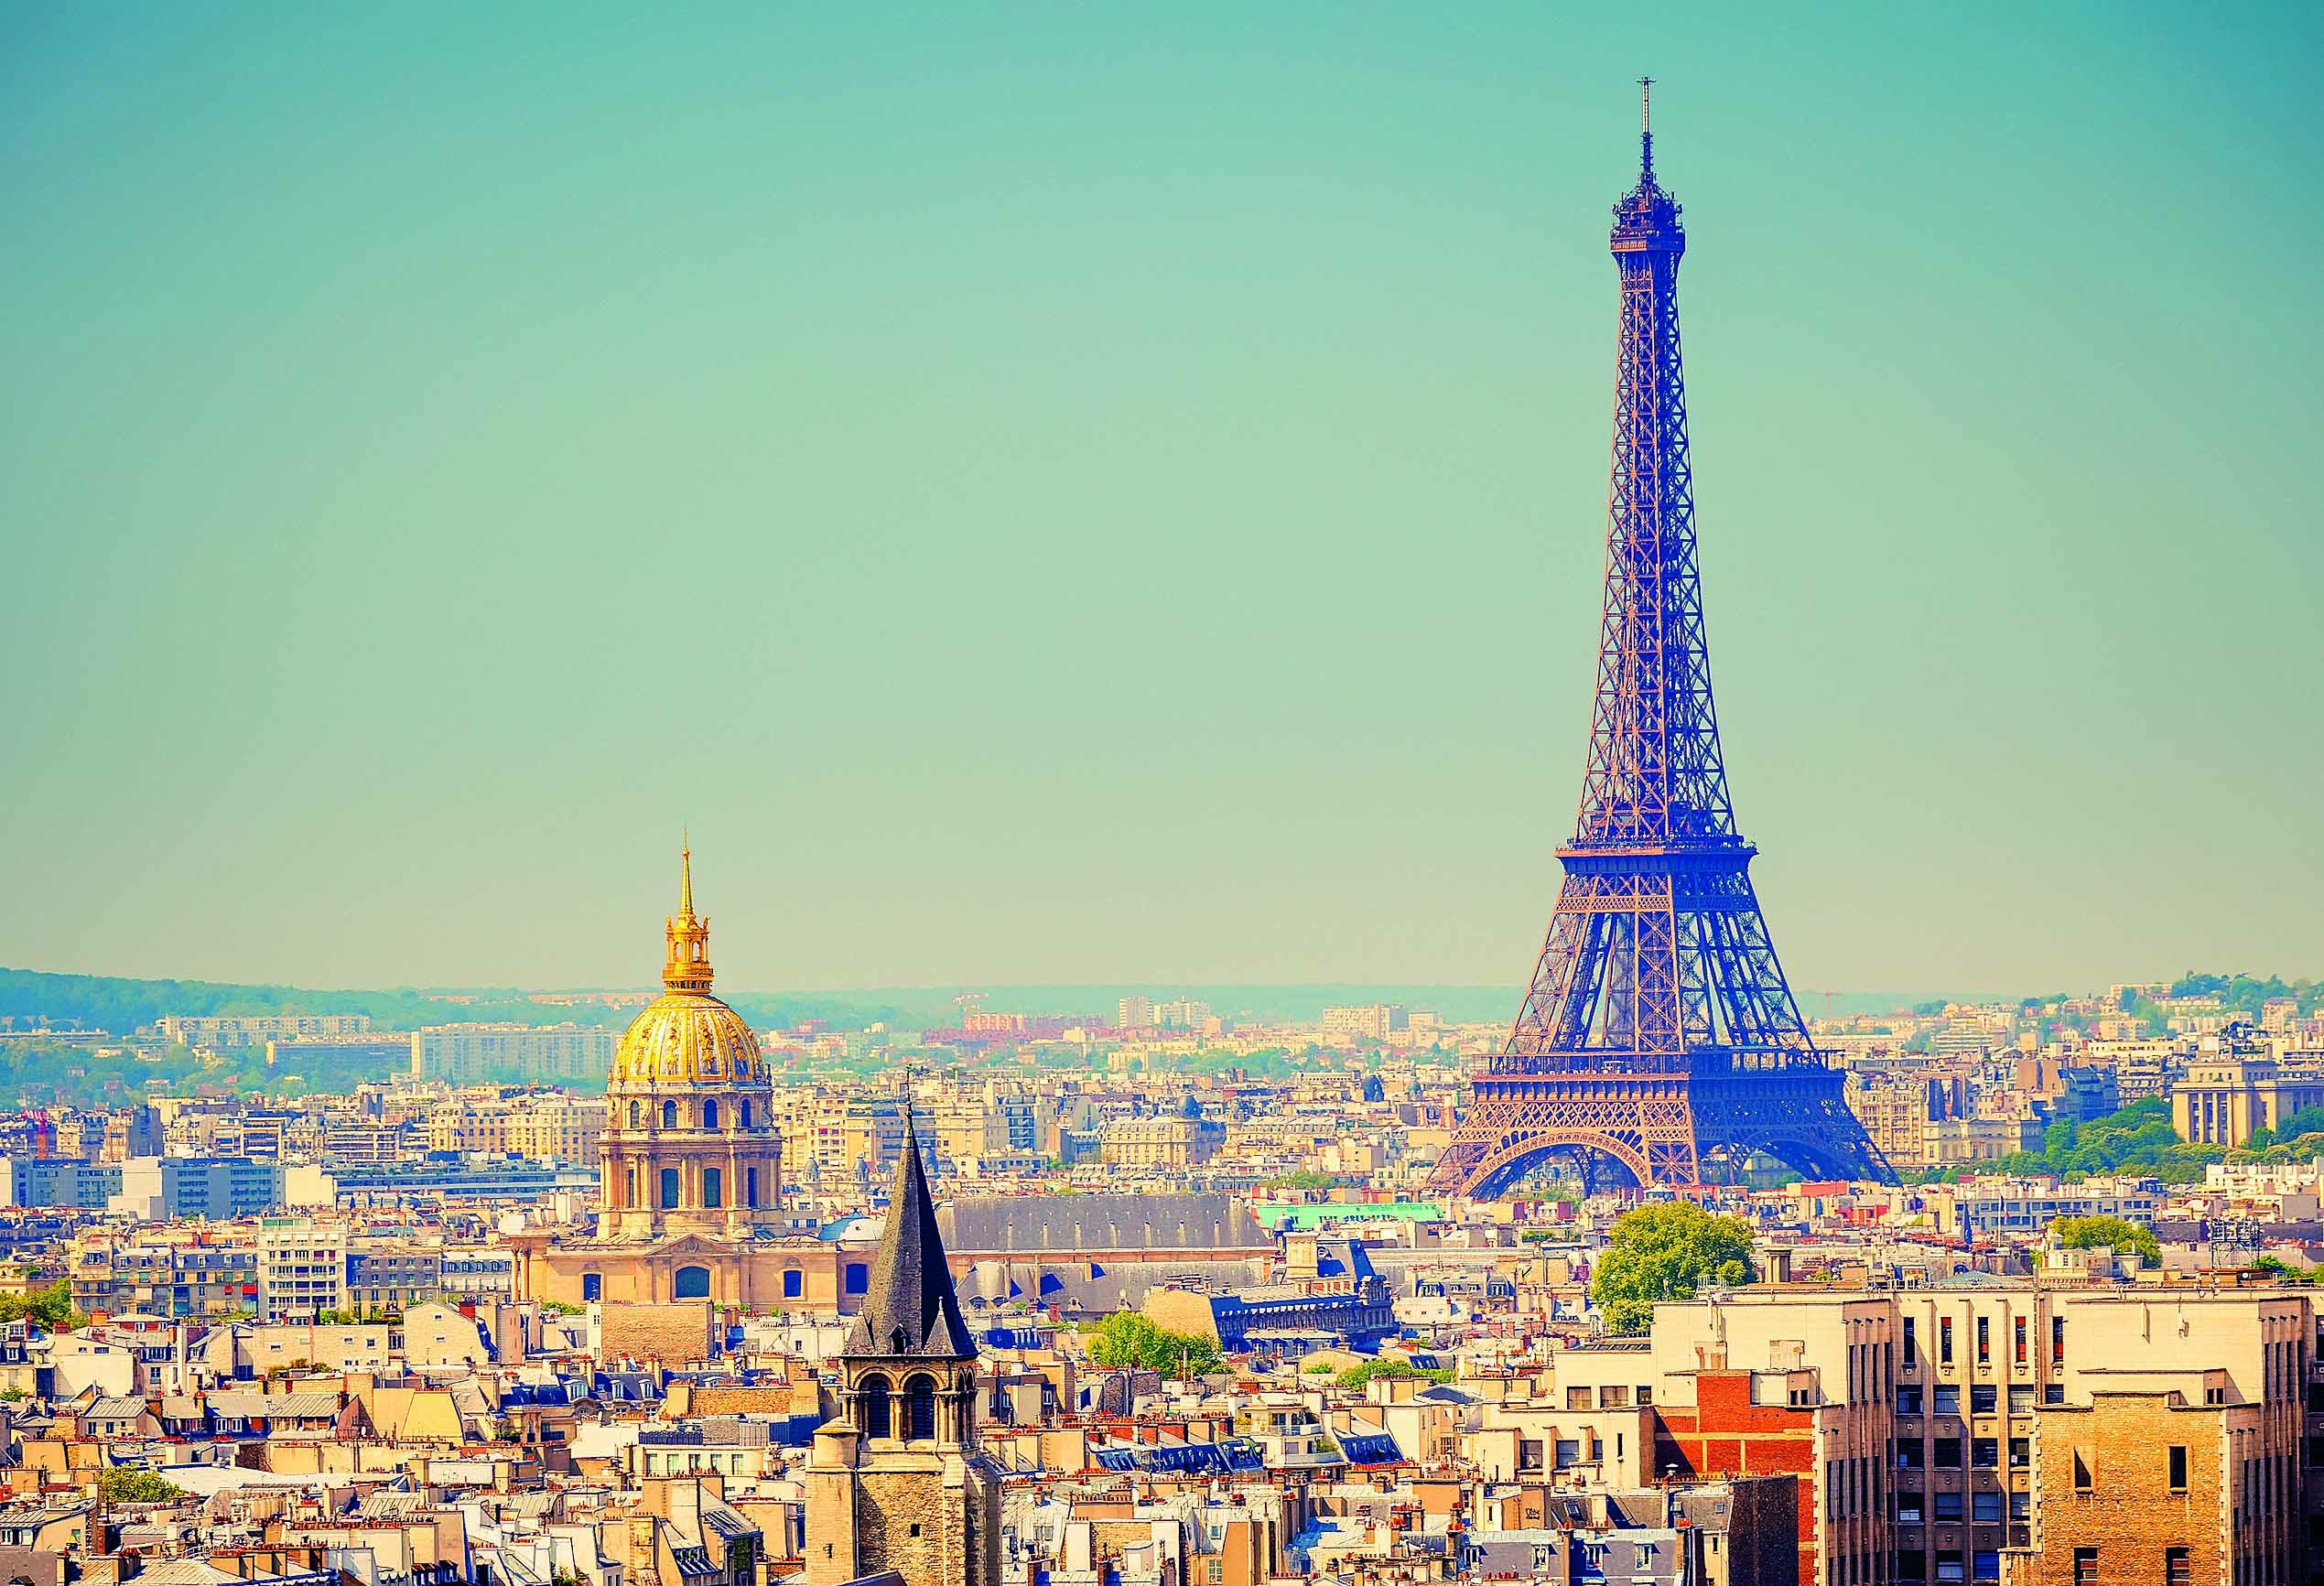 """Тур """"Берлин - Брюссель - Париж (3 дня) - Диснейленд - Прага"""" от 460 руб.*/7 дней"""